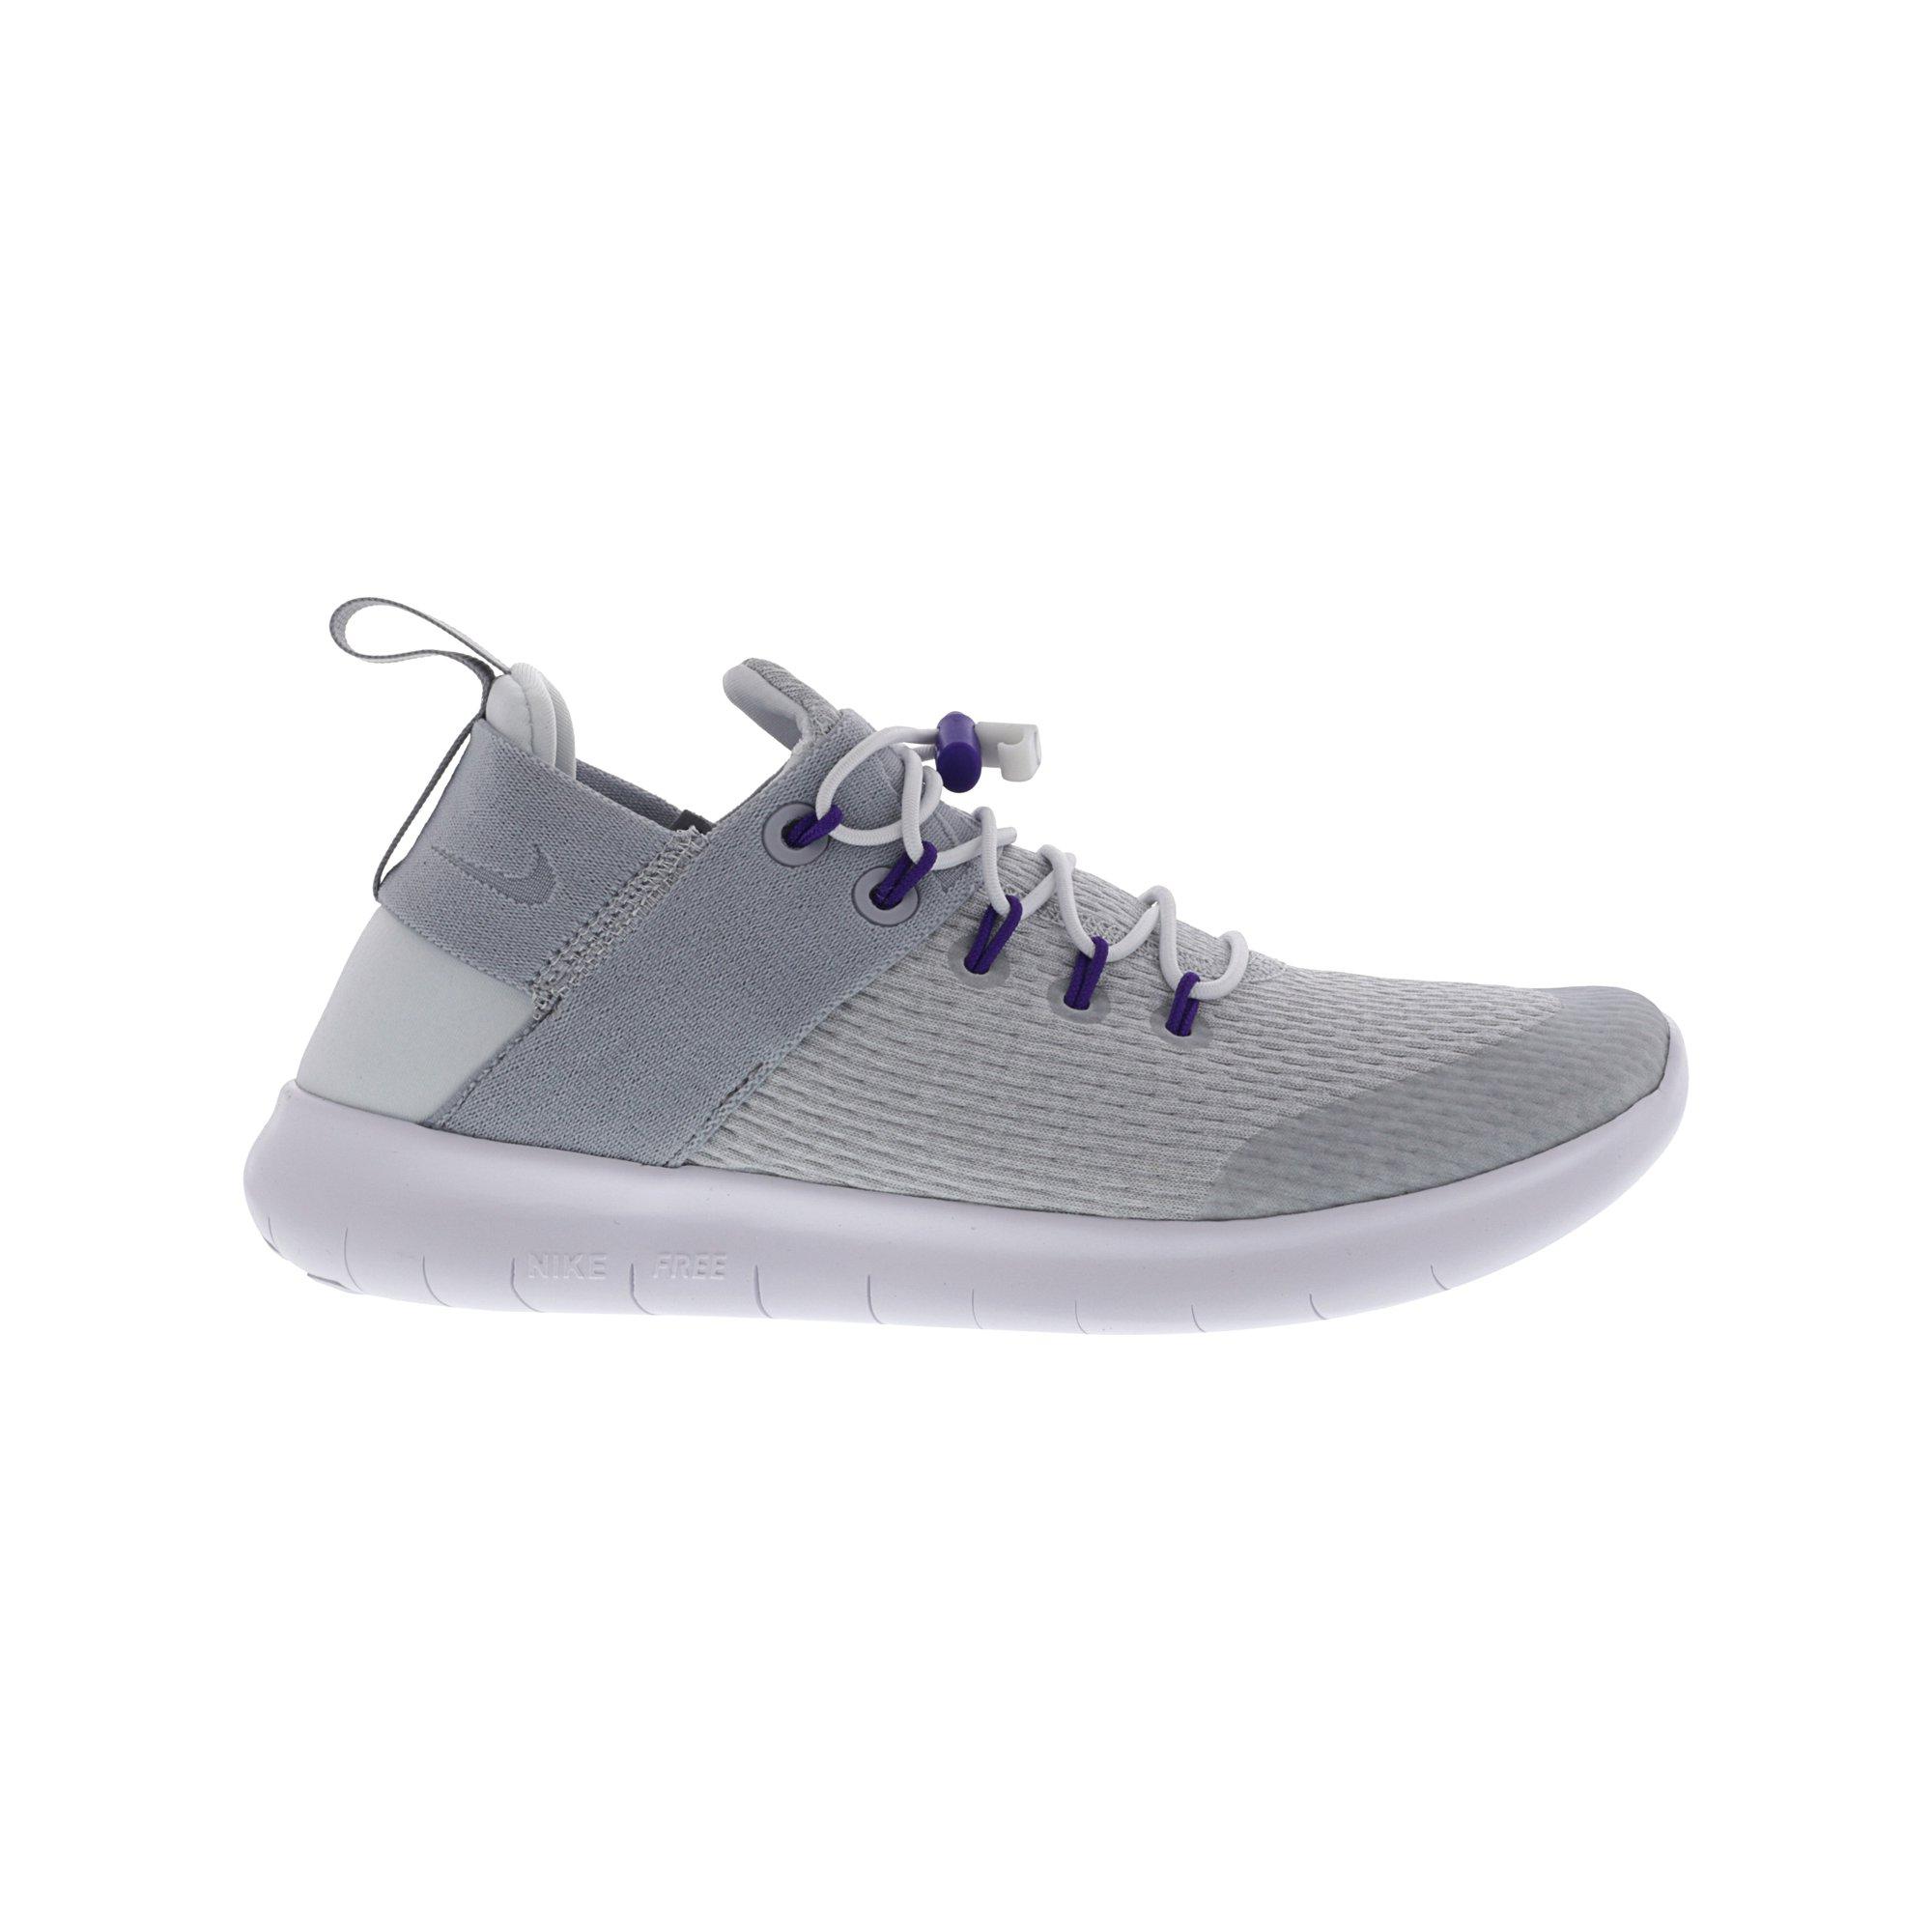 5392de61738d Nike Women s Free Rn Cmtr 2017 E White   New Green - Ankle-High Running Shoe  8M